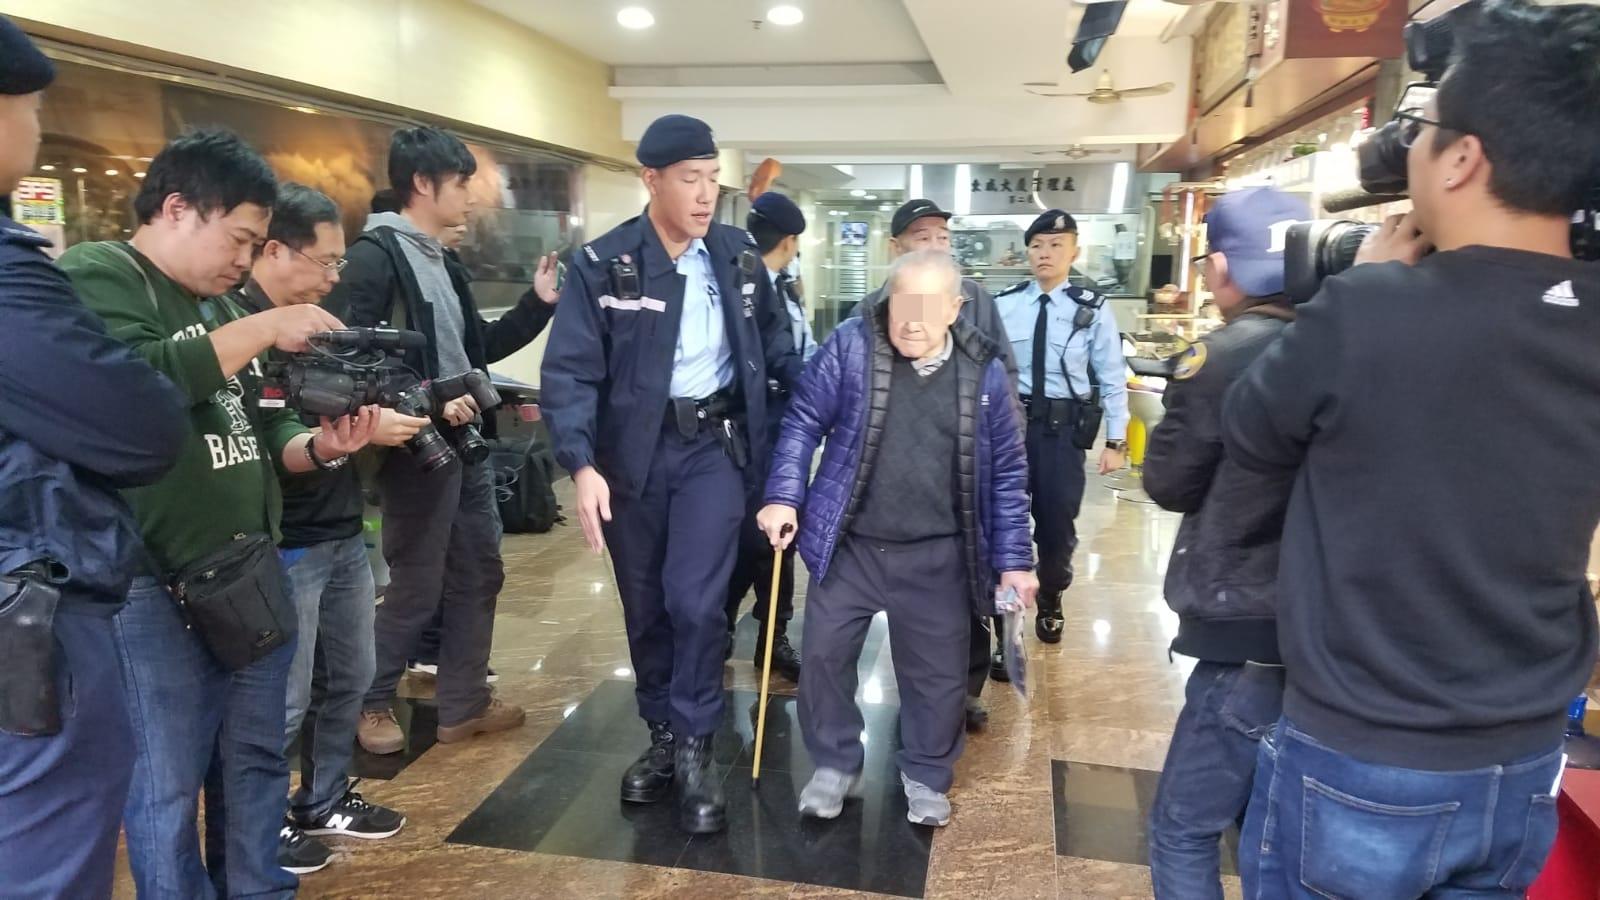 警拘144人,最老91岁。